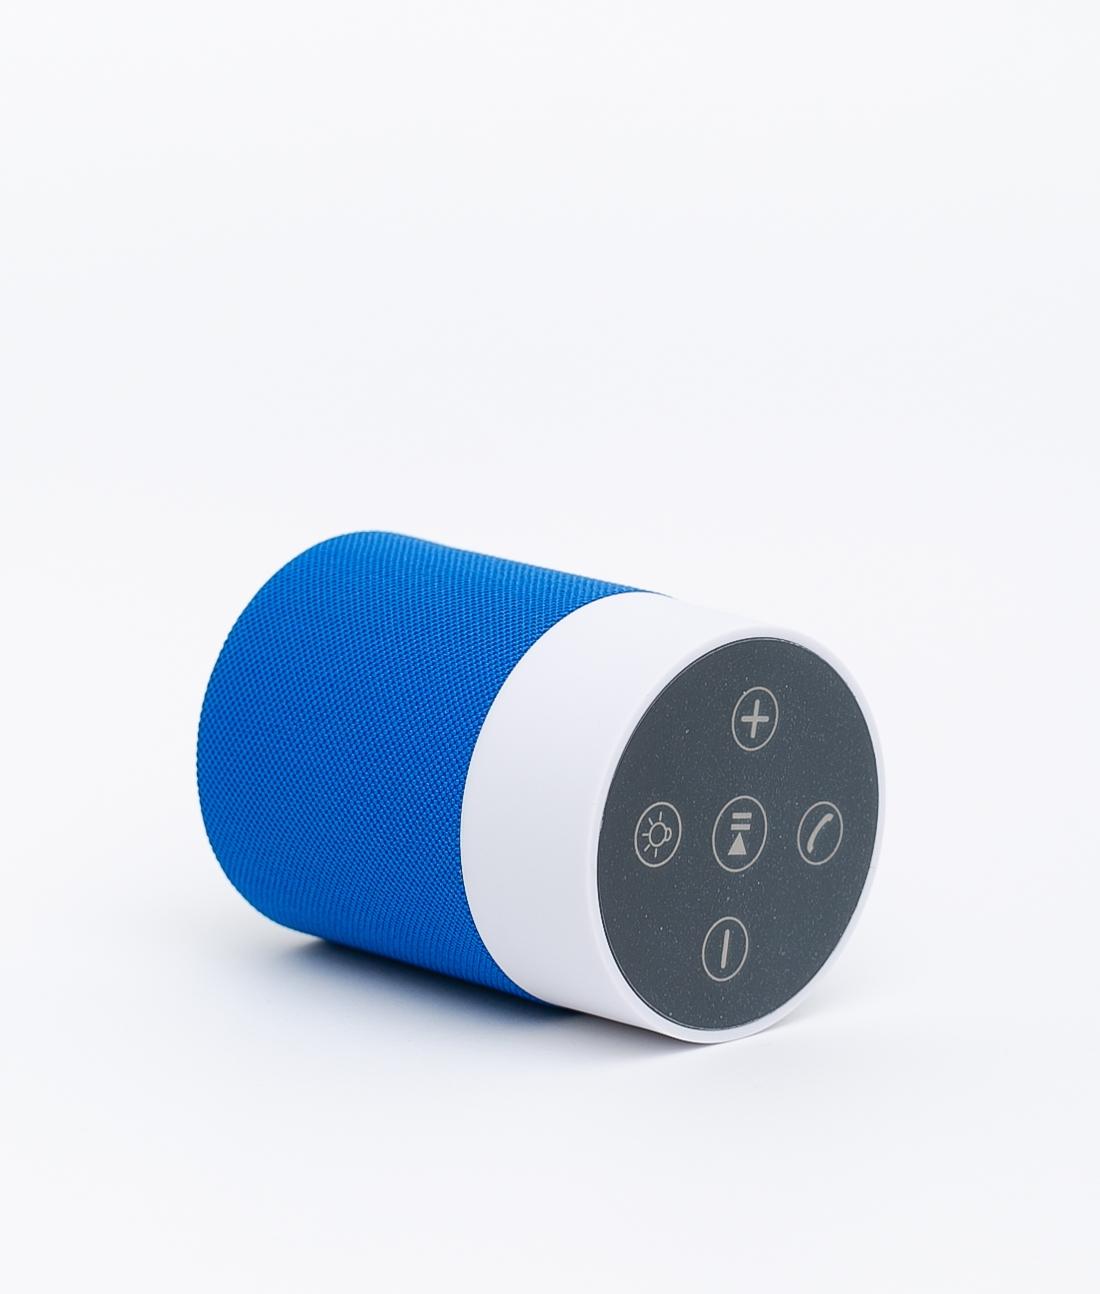 Alto-falante Bluetooth Abacus - Azul